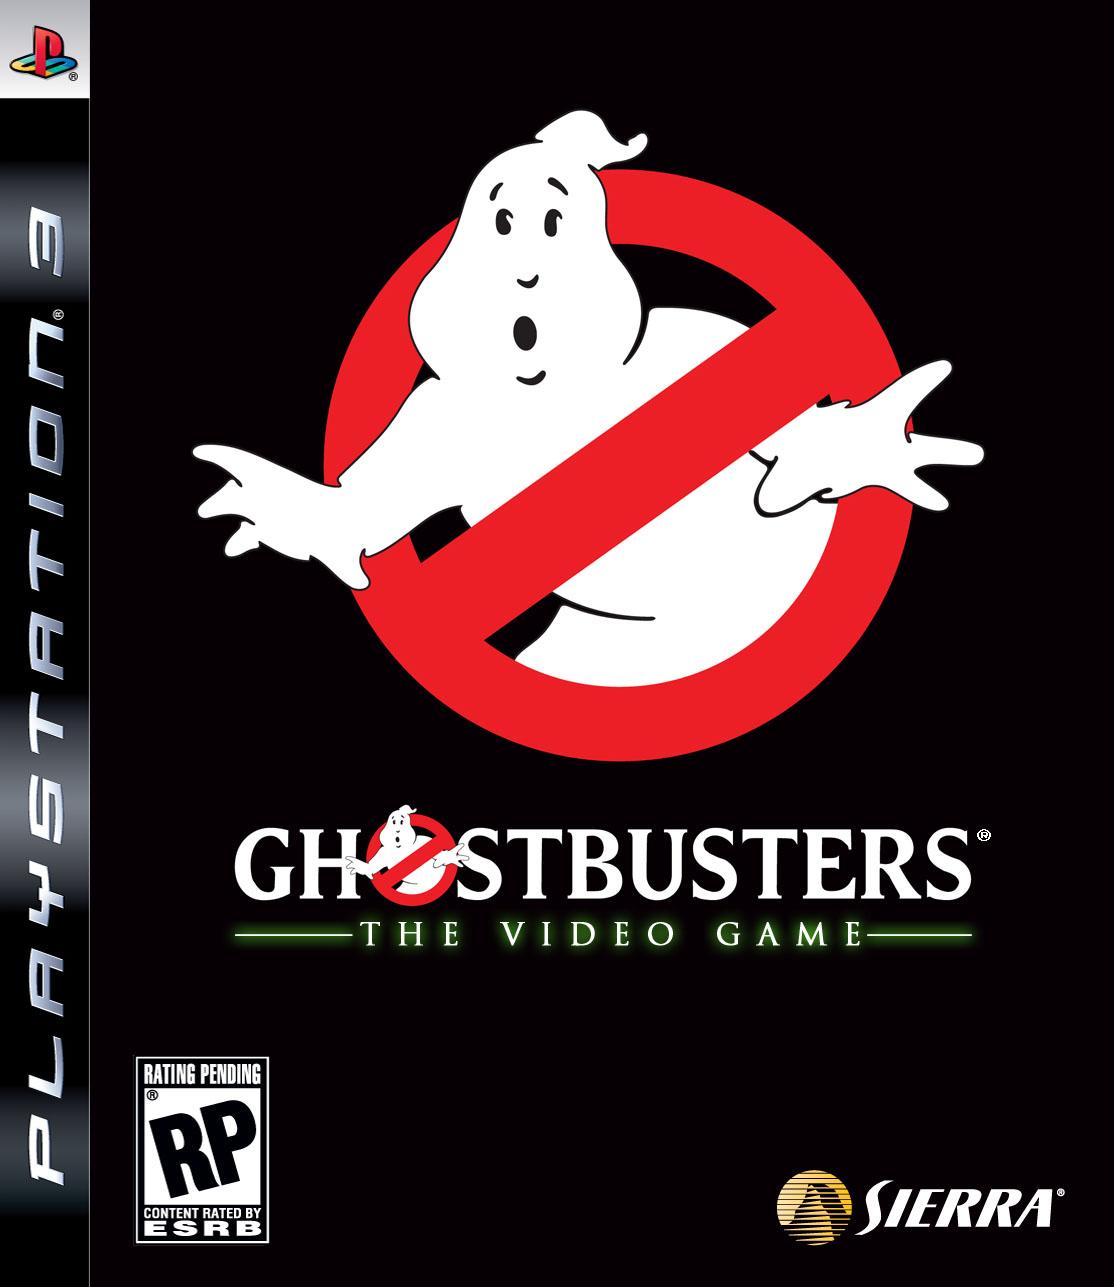 Ghostbusters PS3 Packshot